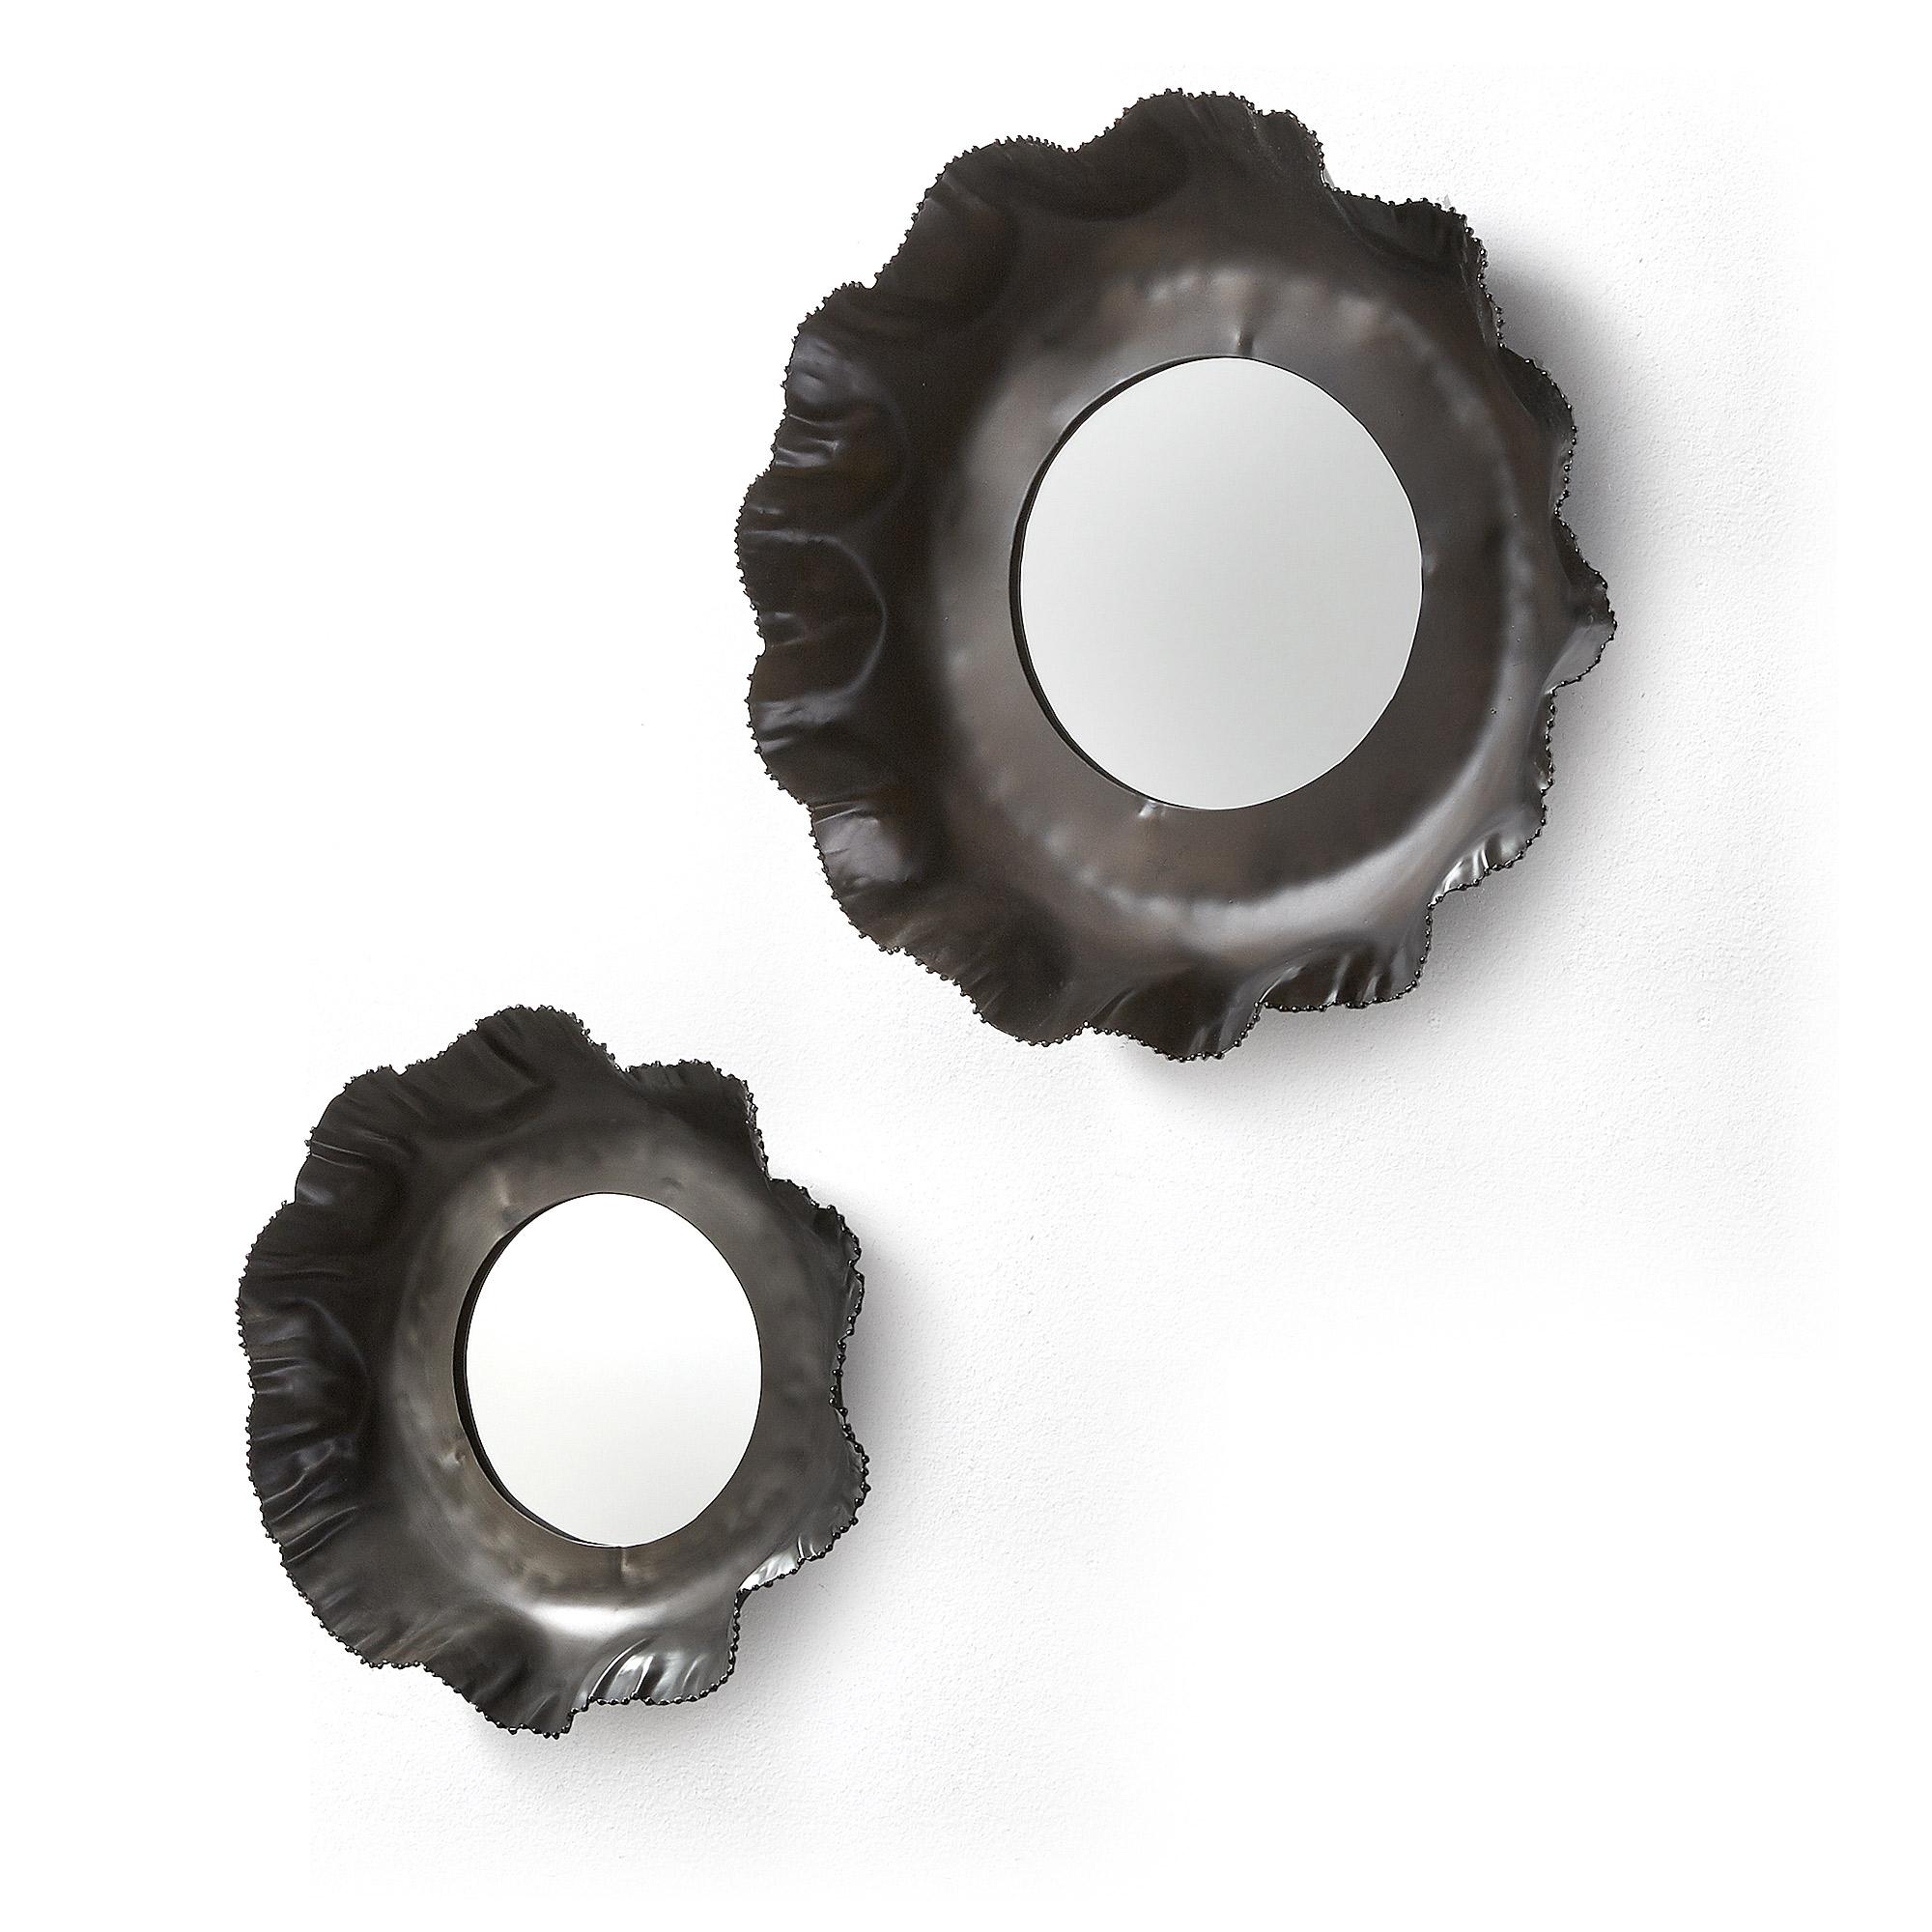 Комплект зеркал karlo (2 шт) (la forma) черный 10 см.